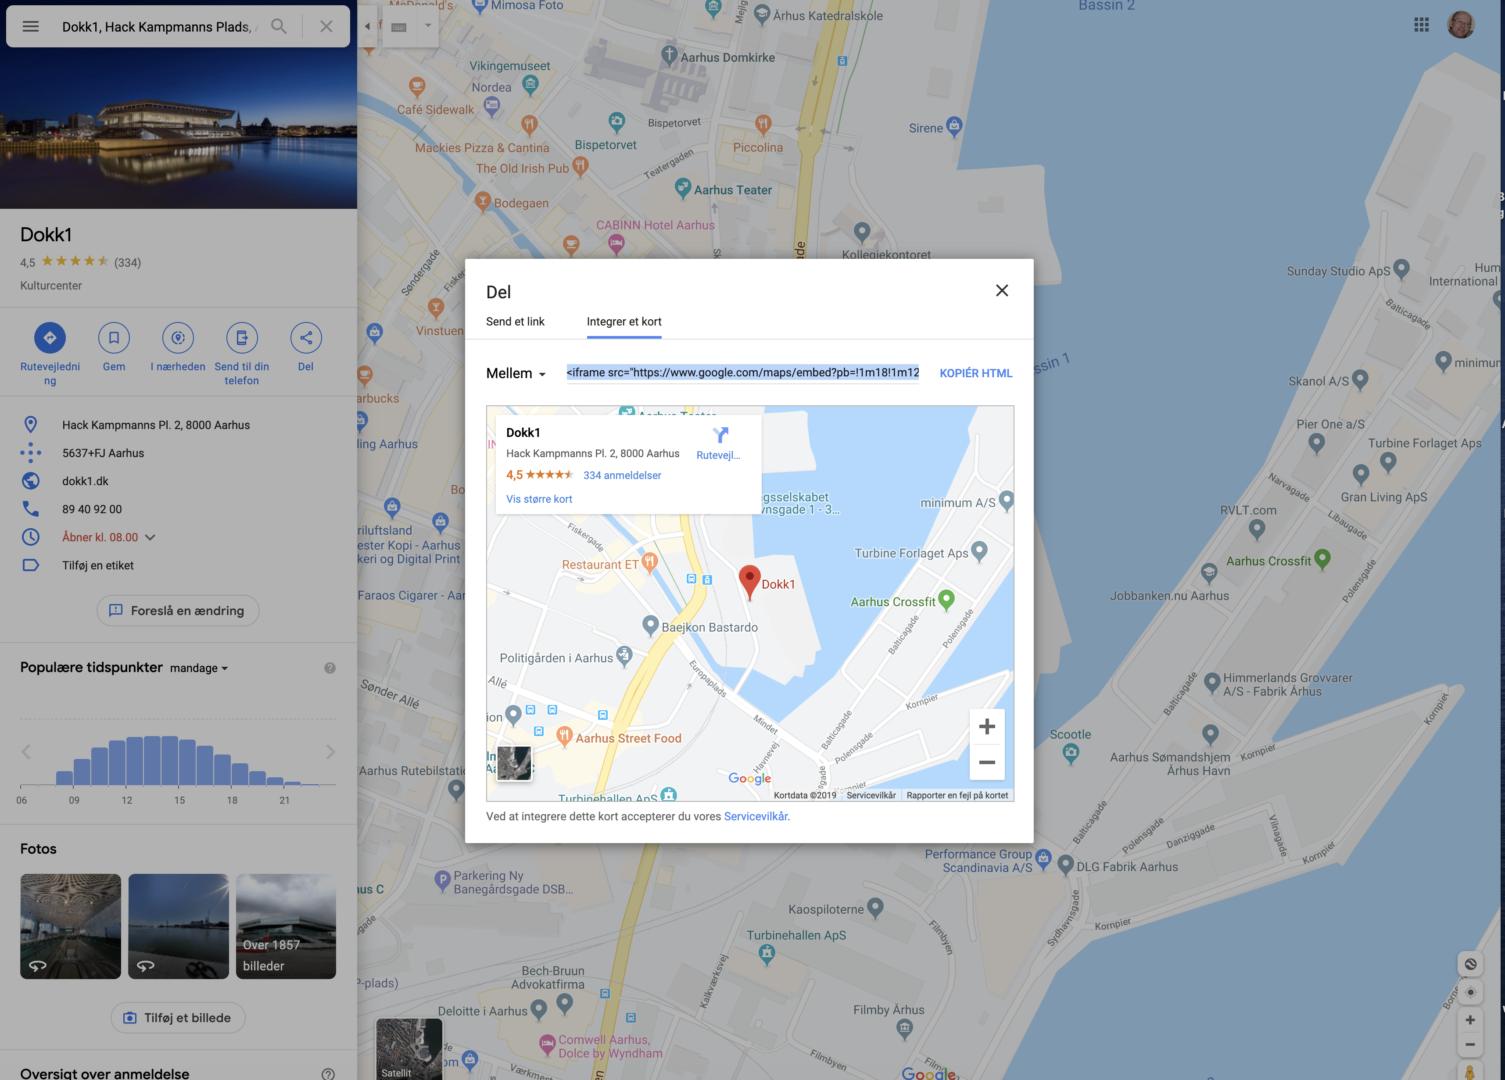 Googlemaps ind på siden